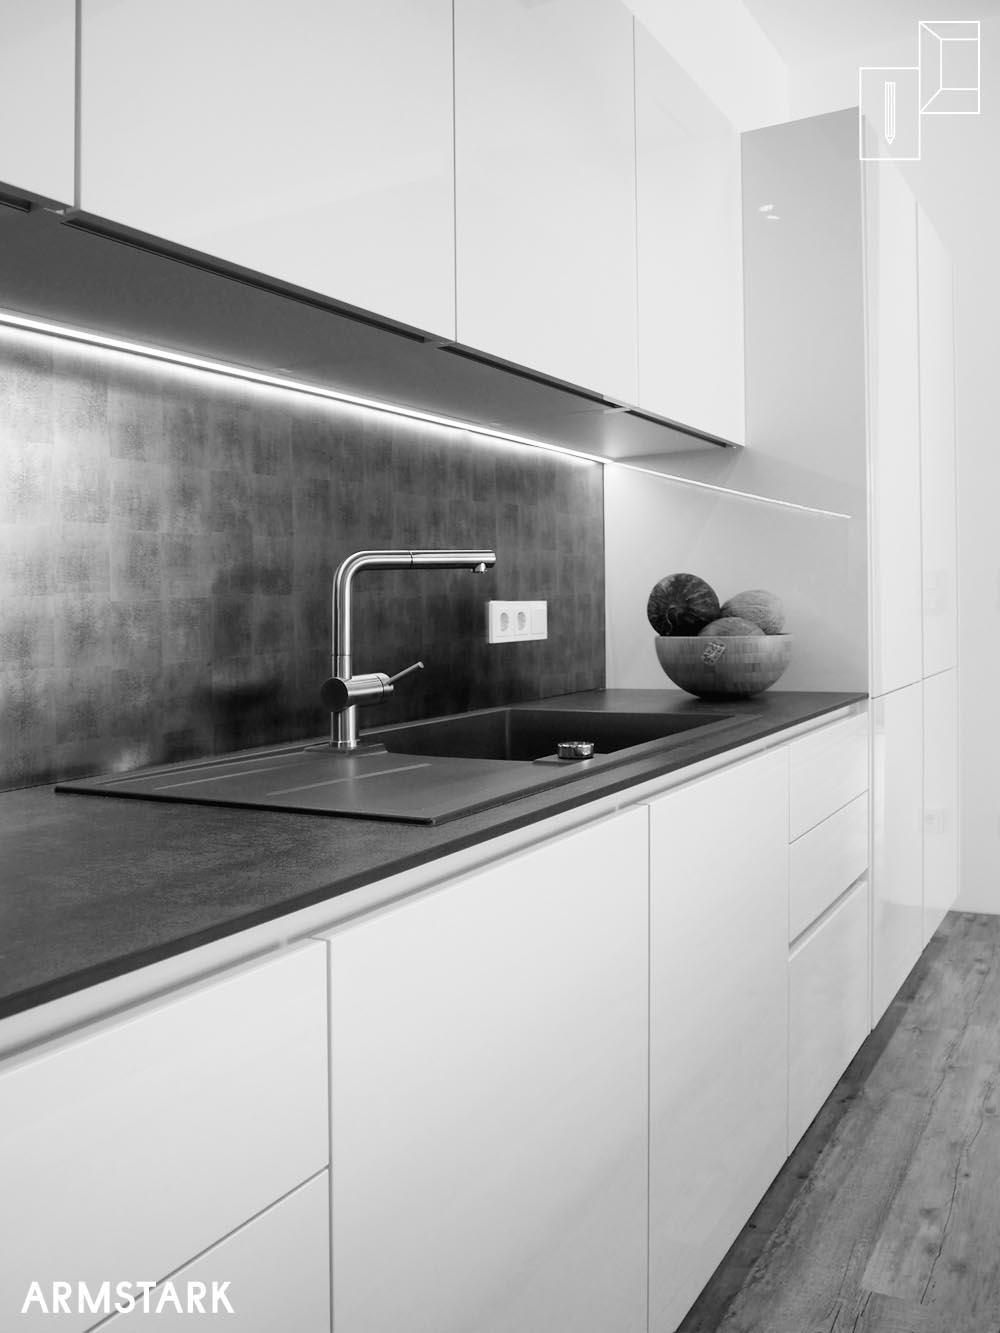 Küchenzeile mit Spüle